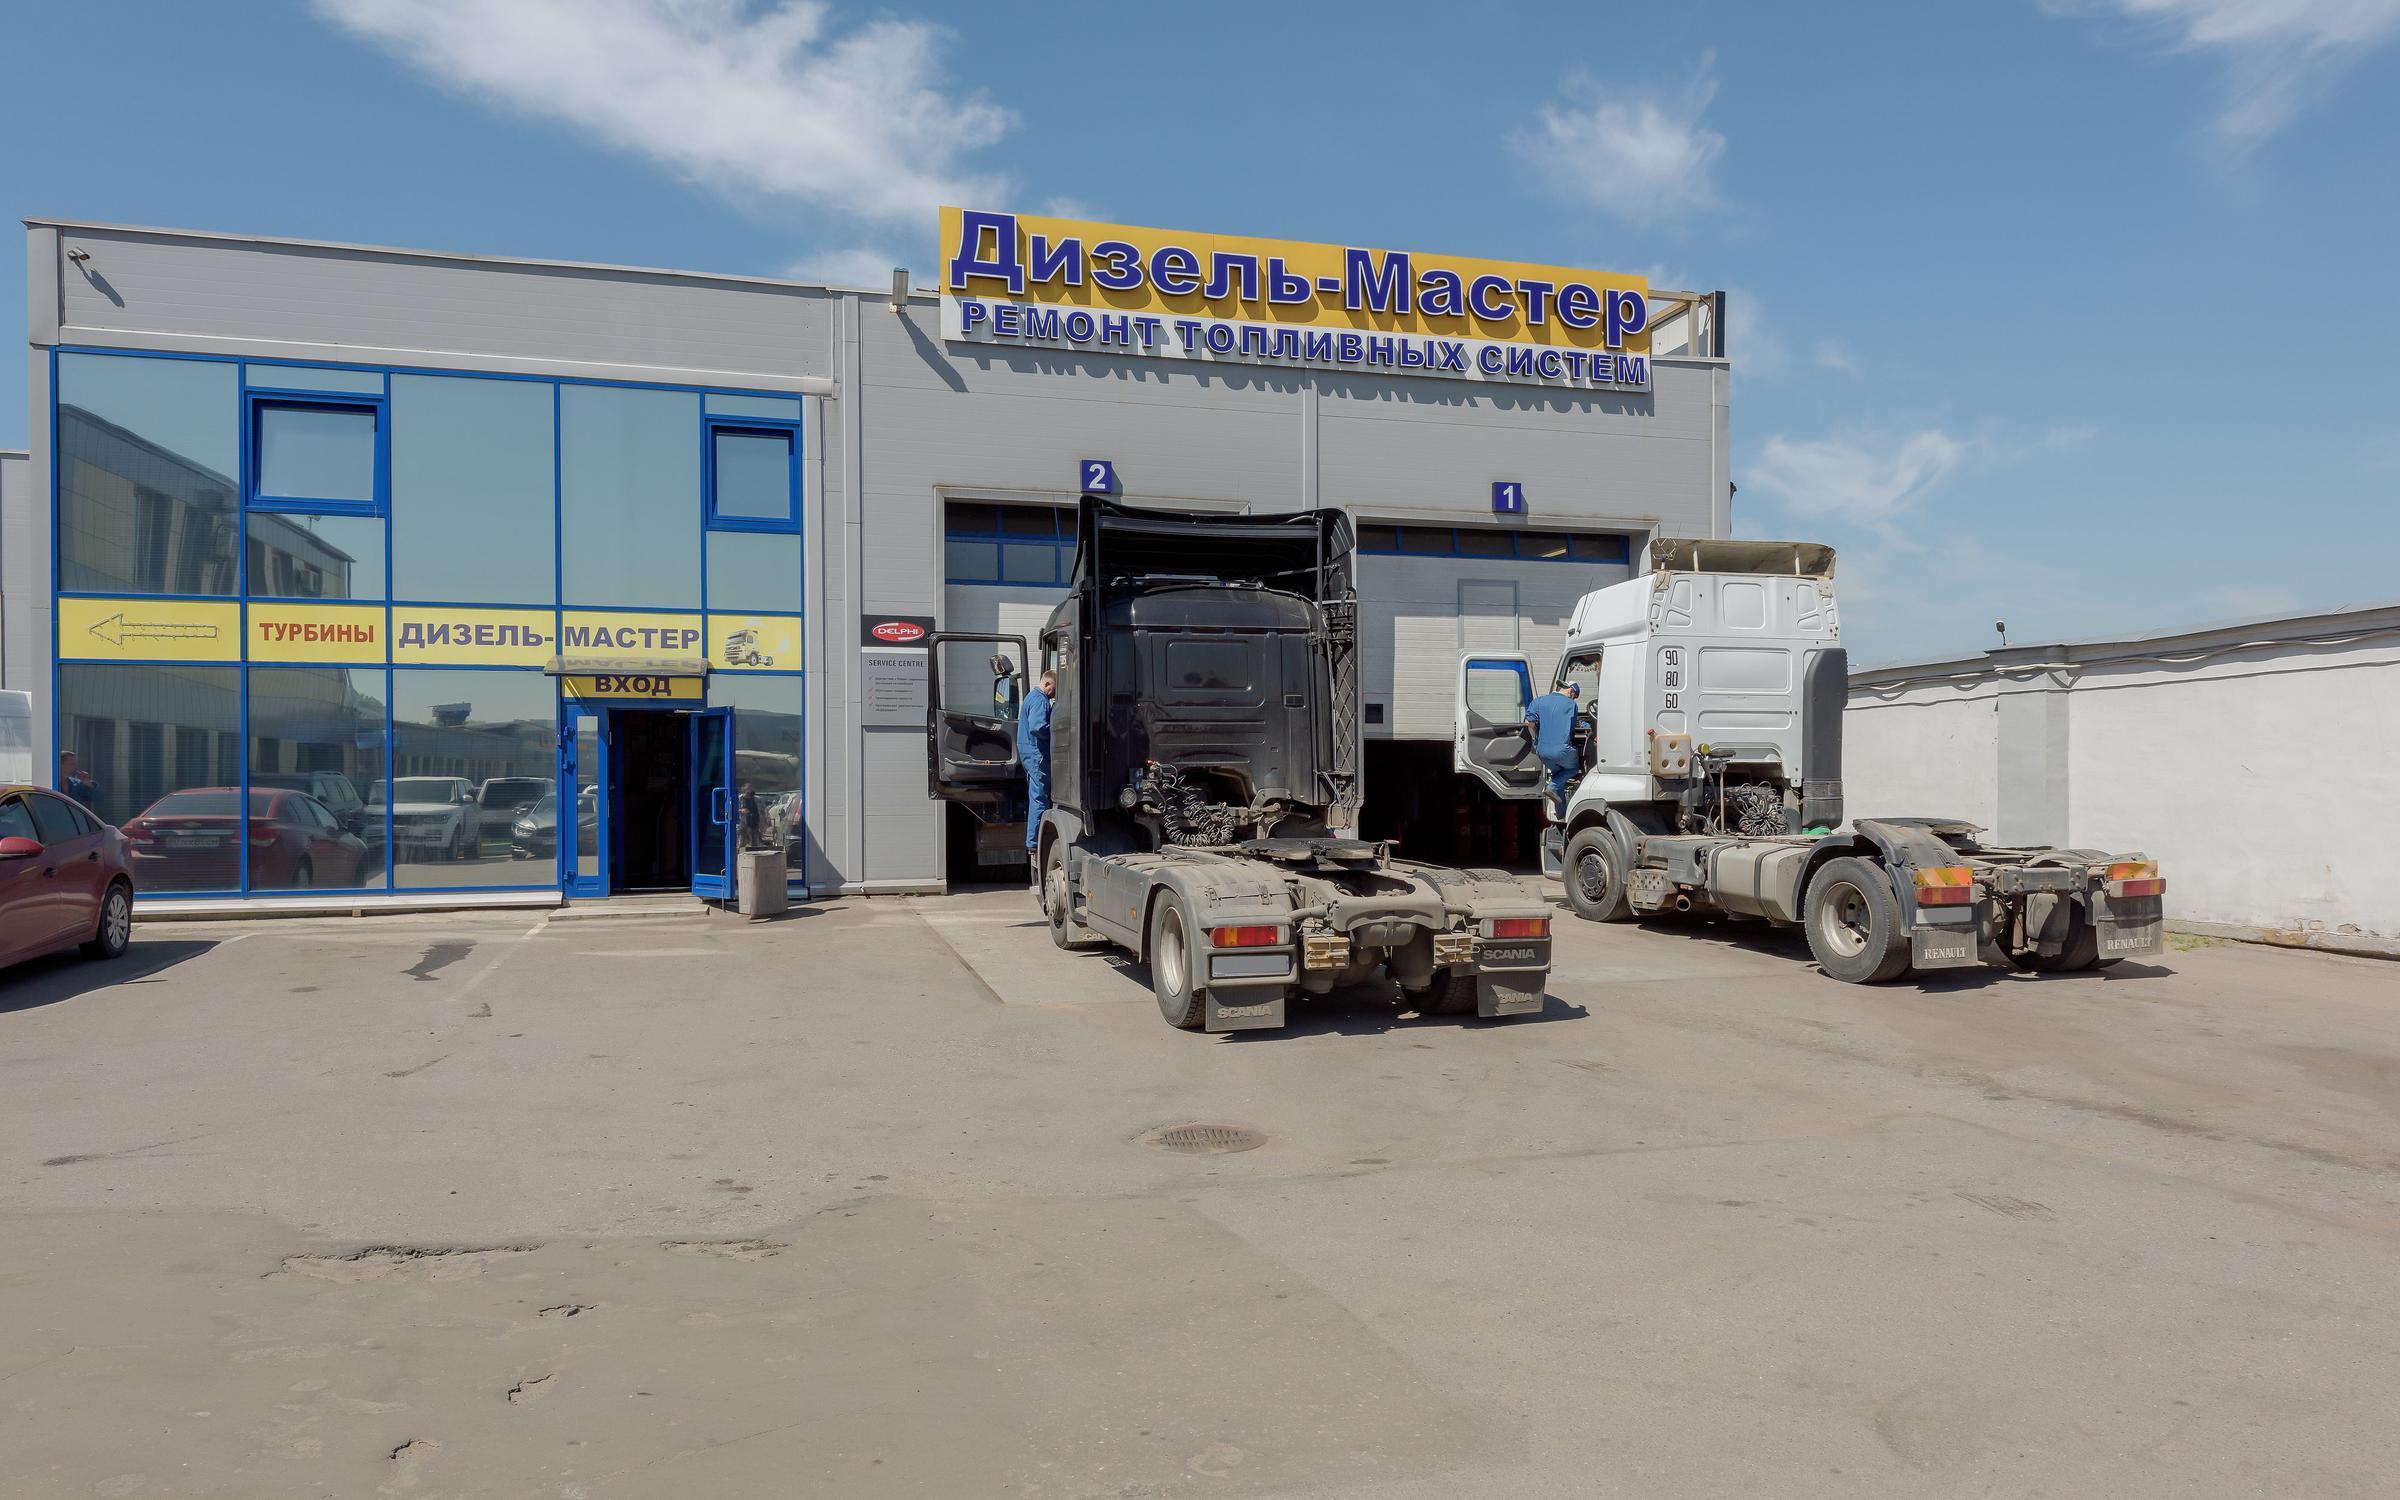 фотография Автоцентра по ремонту топливной аппаратуры Дизель-Мастер в Московском районе